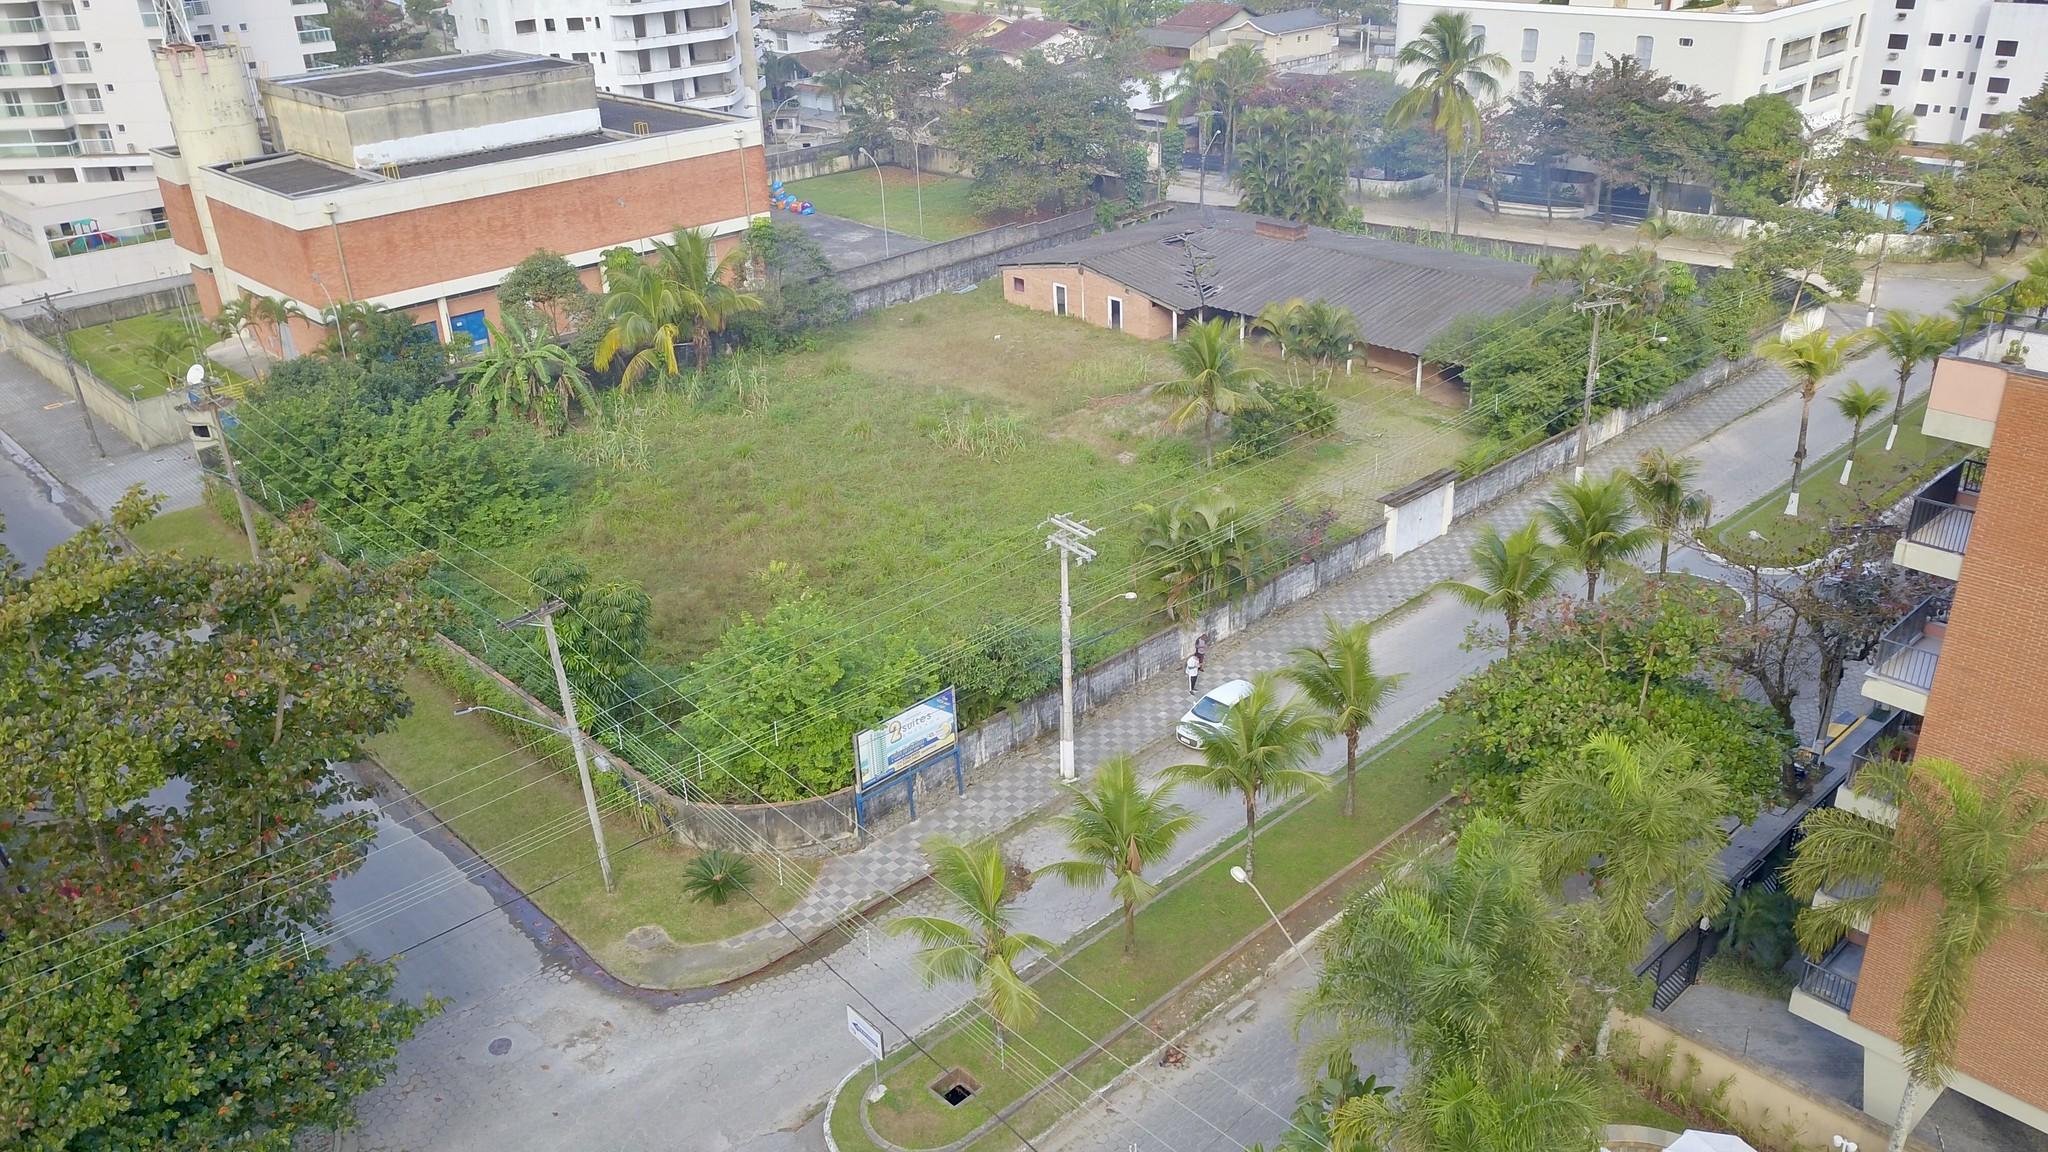 Estado publica licitação para construção de nova sede de Batalhão da PM em Guarujá, SP